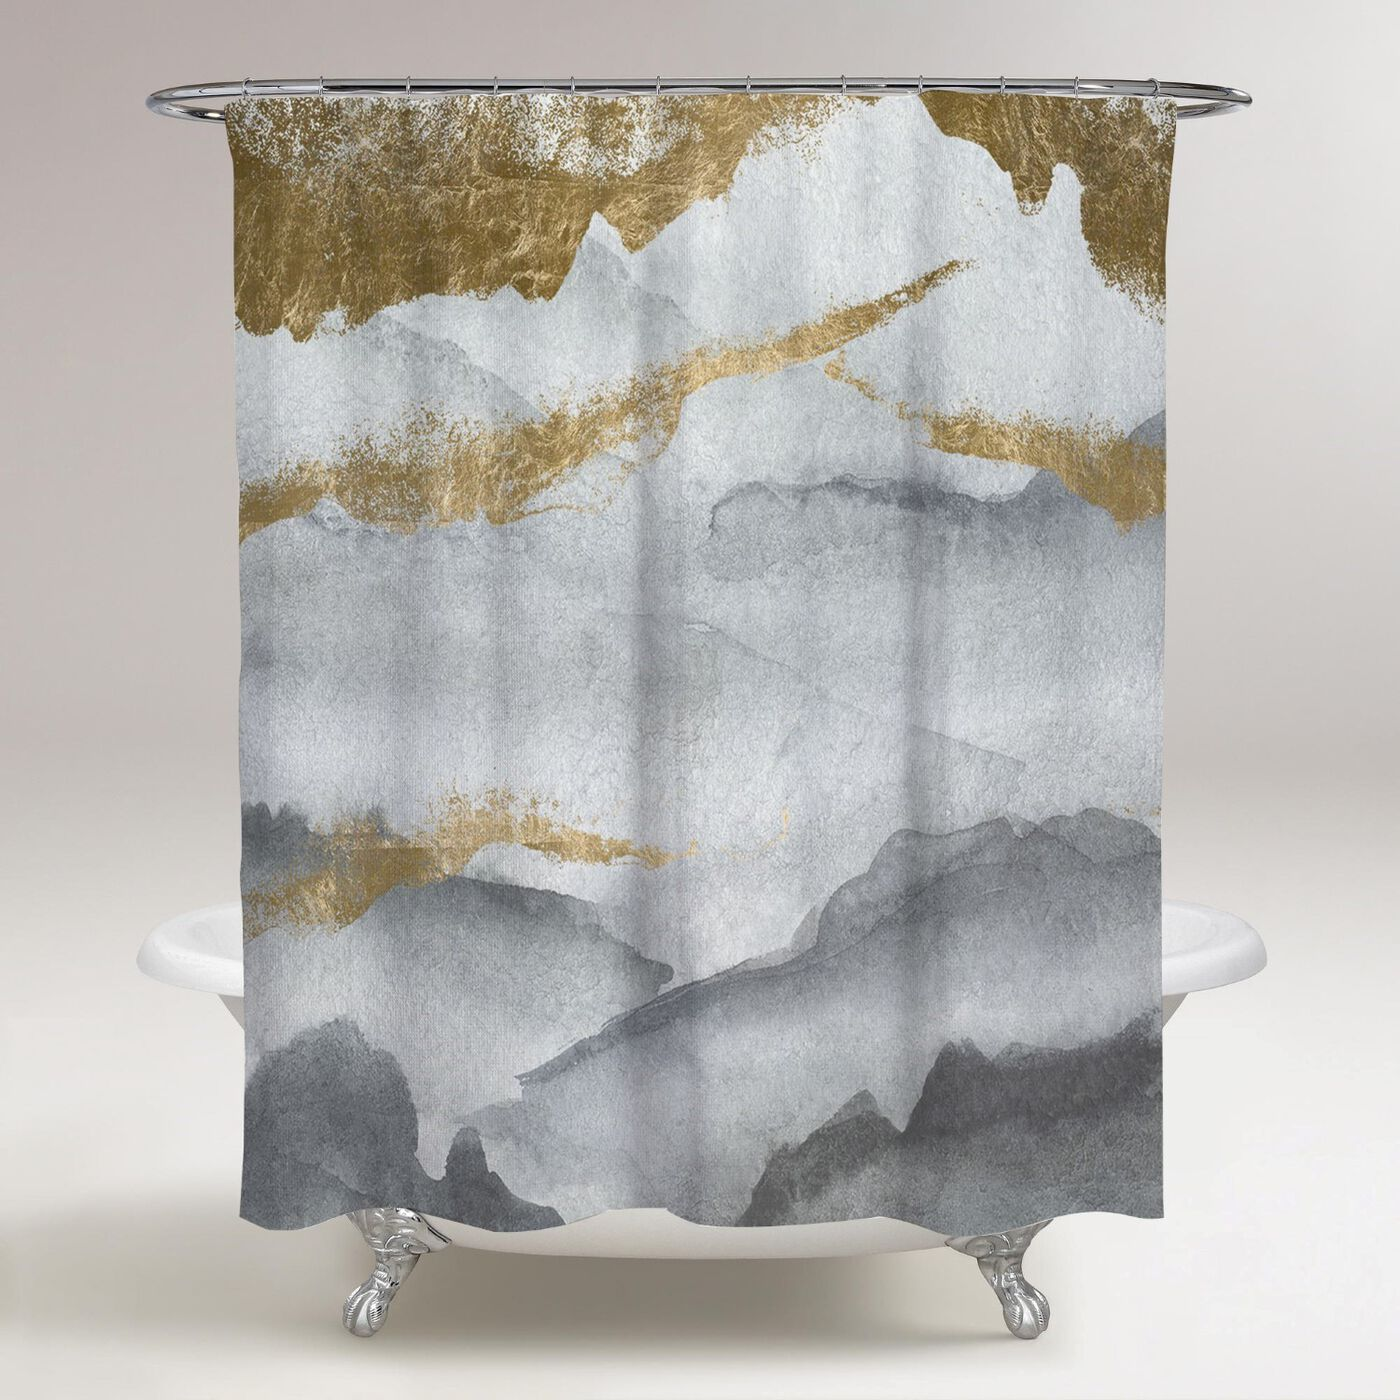 Tibet Mountains Shower Curtain